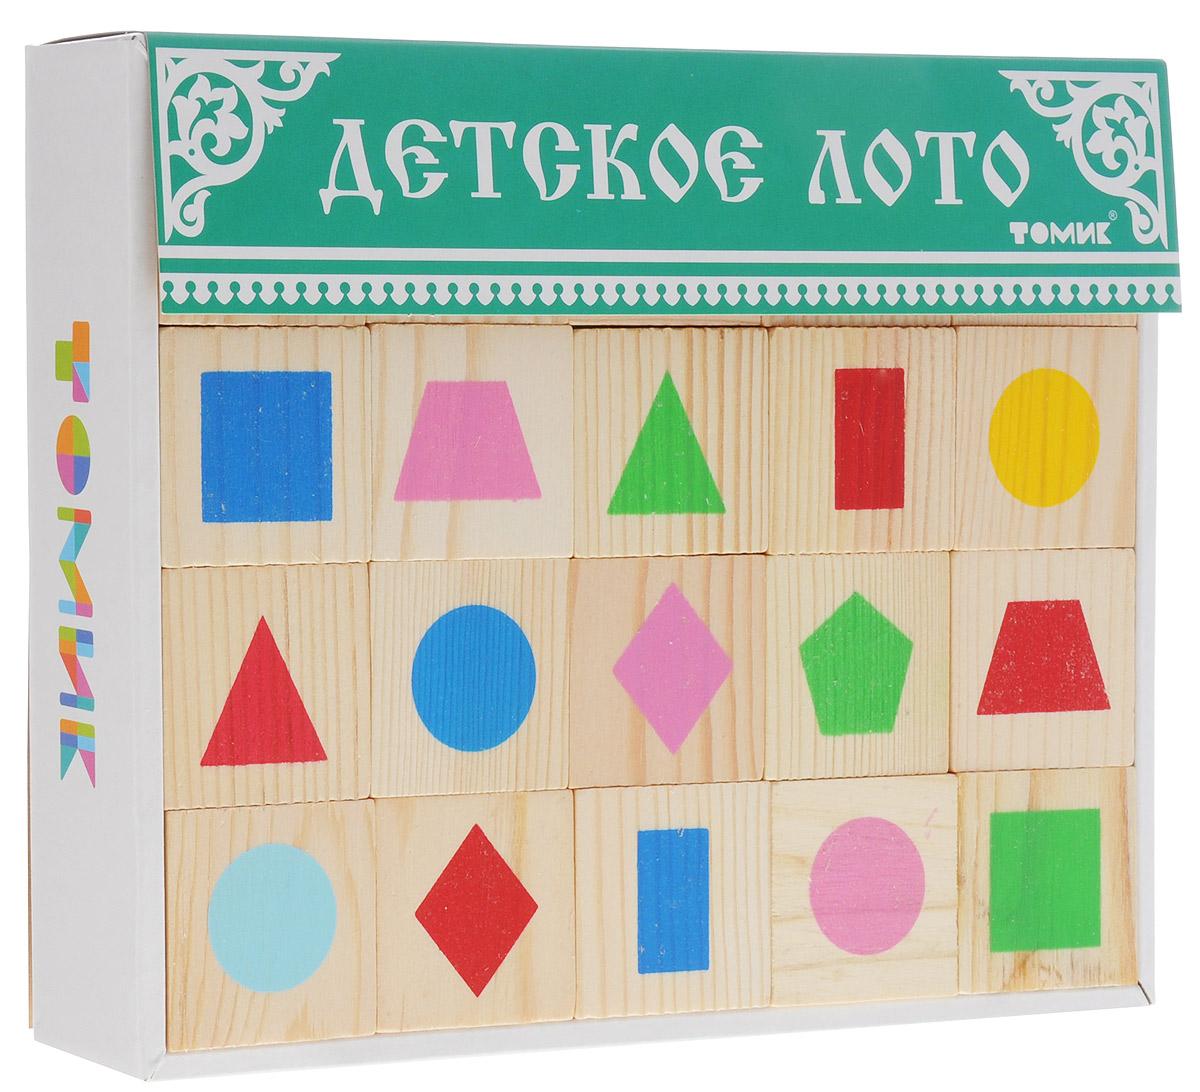 Томик Детское лото Геометрические фигуры цвет коробки зеленый6-2222-4Детское лото Томик Геометрические фигуры - это развивающая игра на основе классических правил, которая порадует малыша яркими картинками и поможет выучить названия геометрических фигур. Лото состоит из деревянных квадратных дощечек с нарисованными цветными геометрическими фигурами. Лото познакомит малыша с основными цветами и формами. Игра укрепит мелкую моторику пальчиков и кистей рук, разовьет память и внимание.